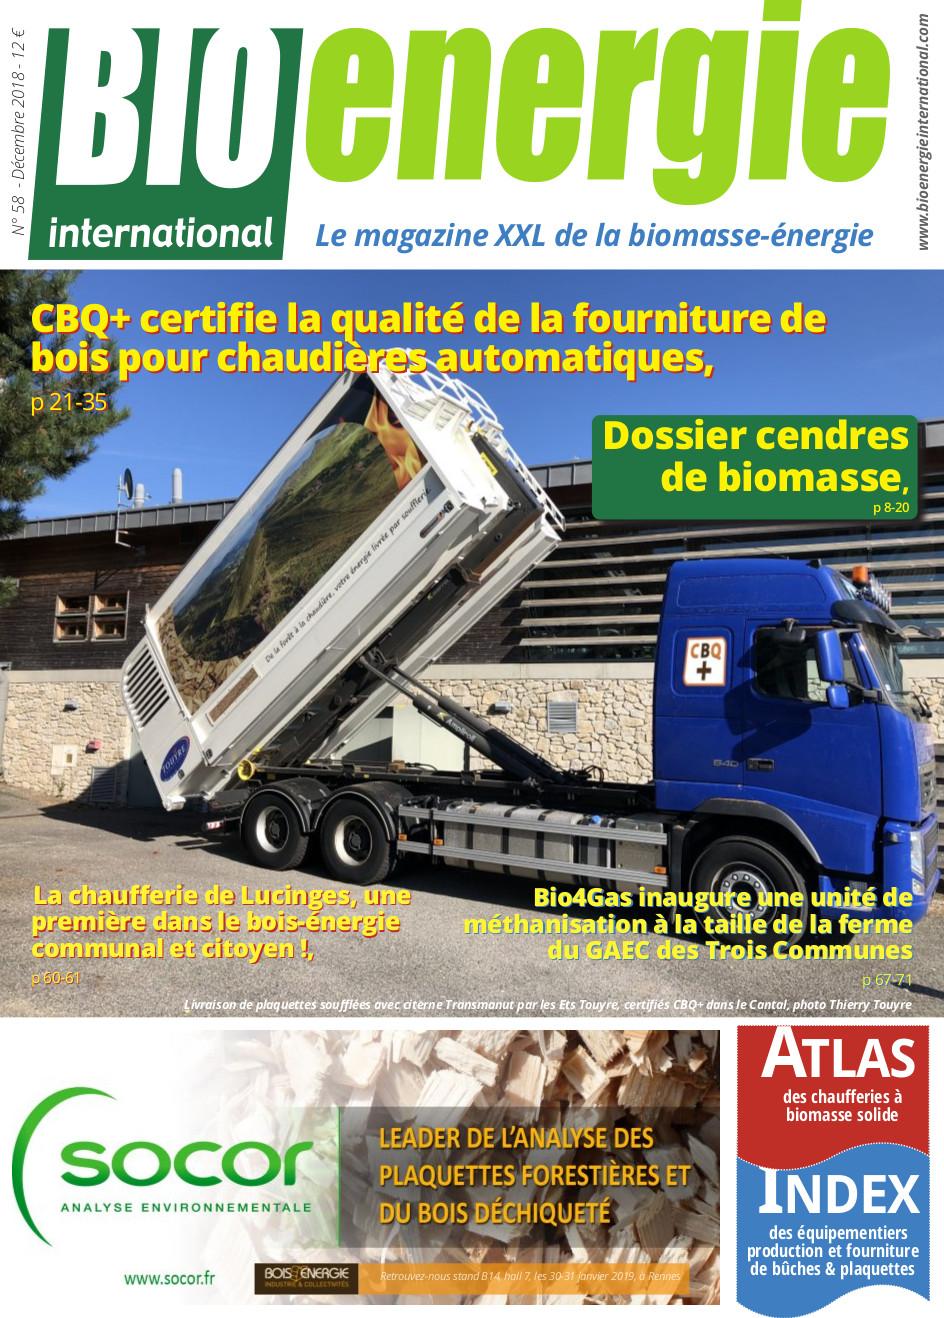 Bioénergie International n°58 – Décembre 2018